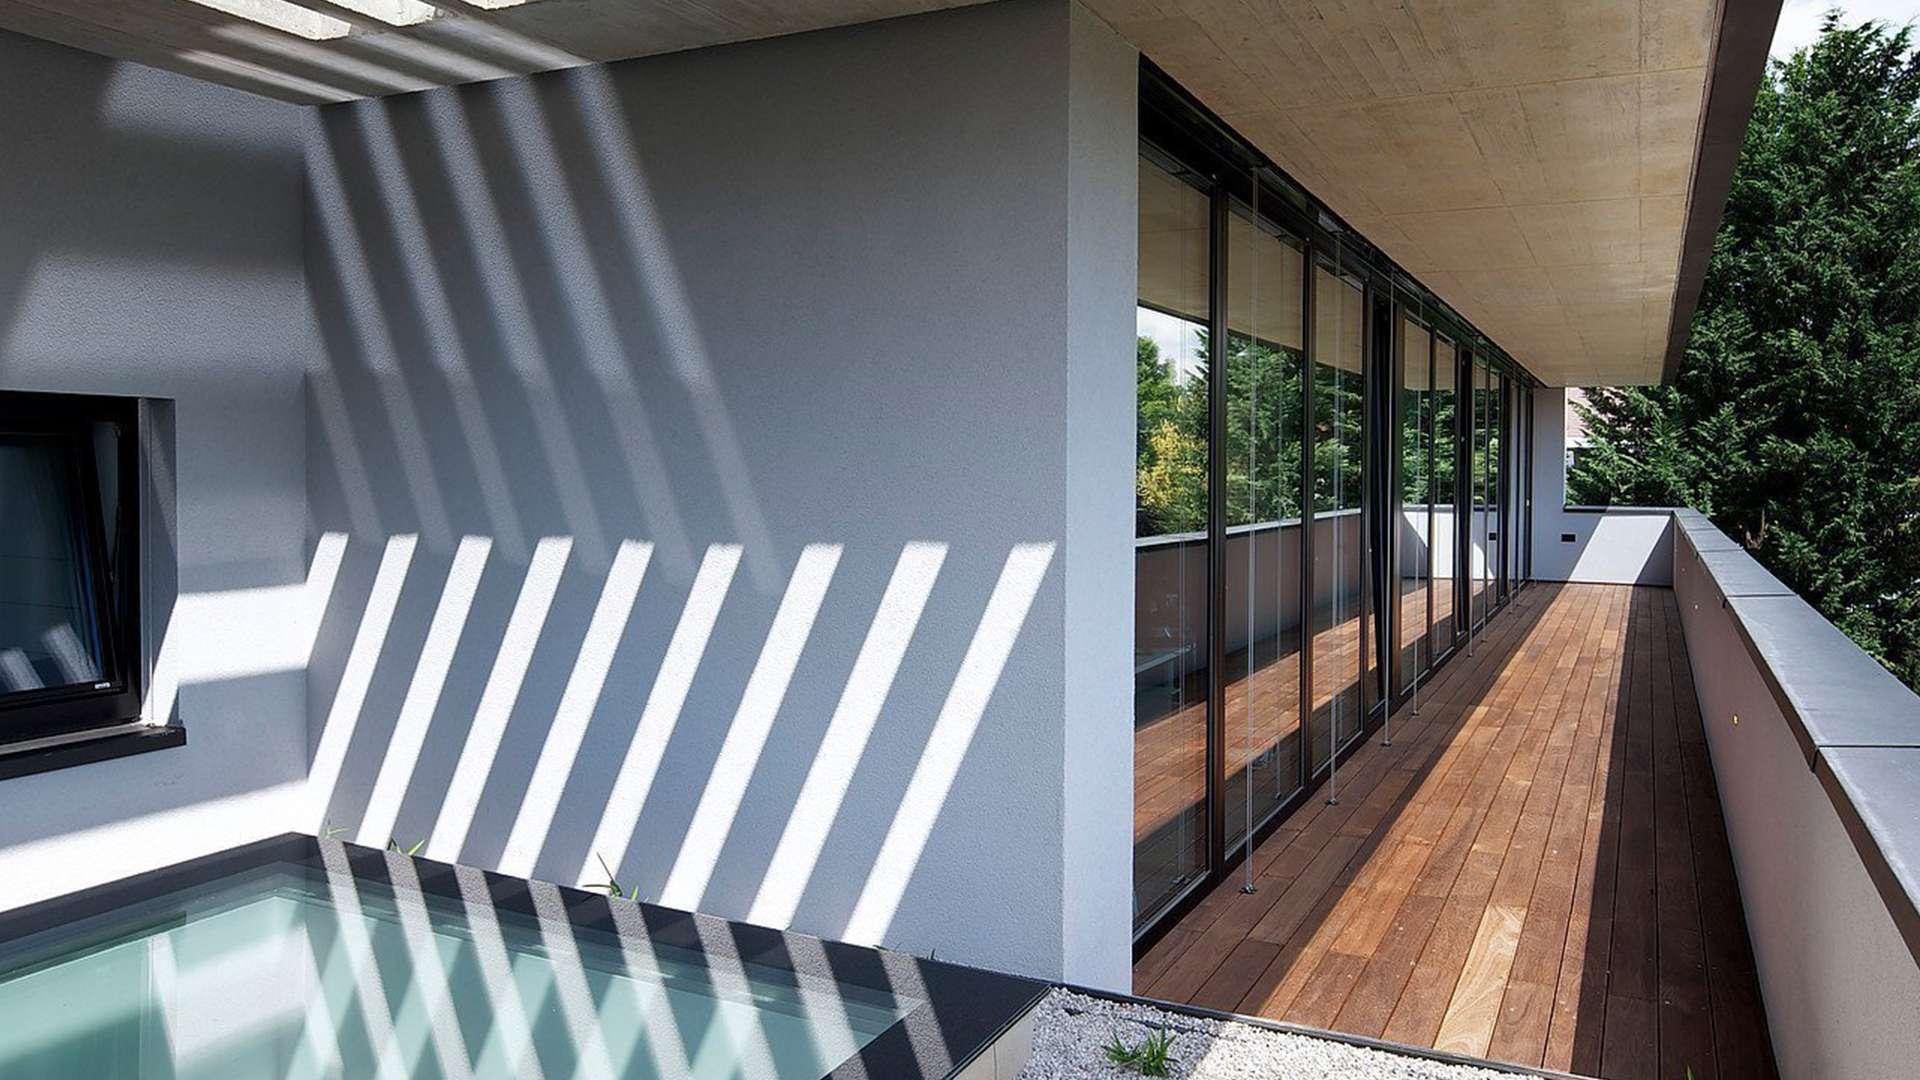 Blick auf einen Balkon mit Kunststoff-Alufenster-Fassade